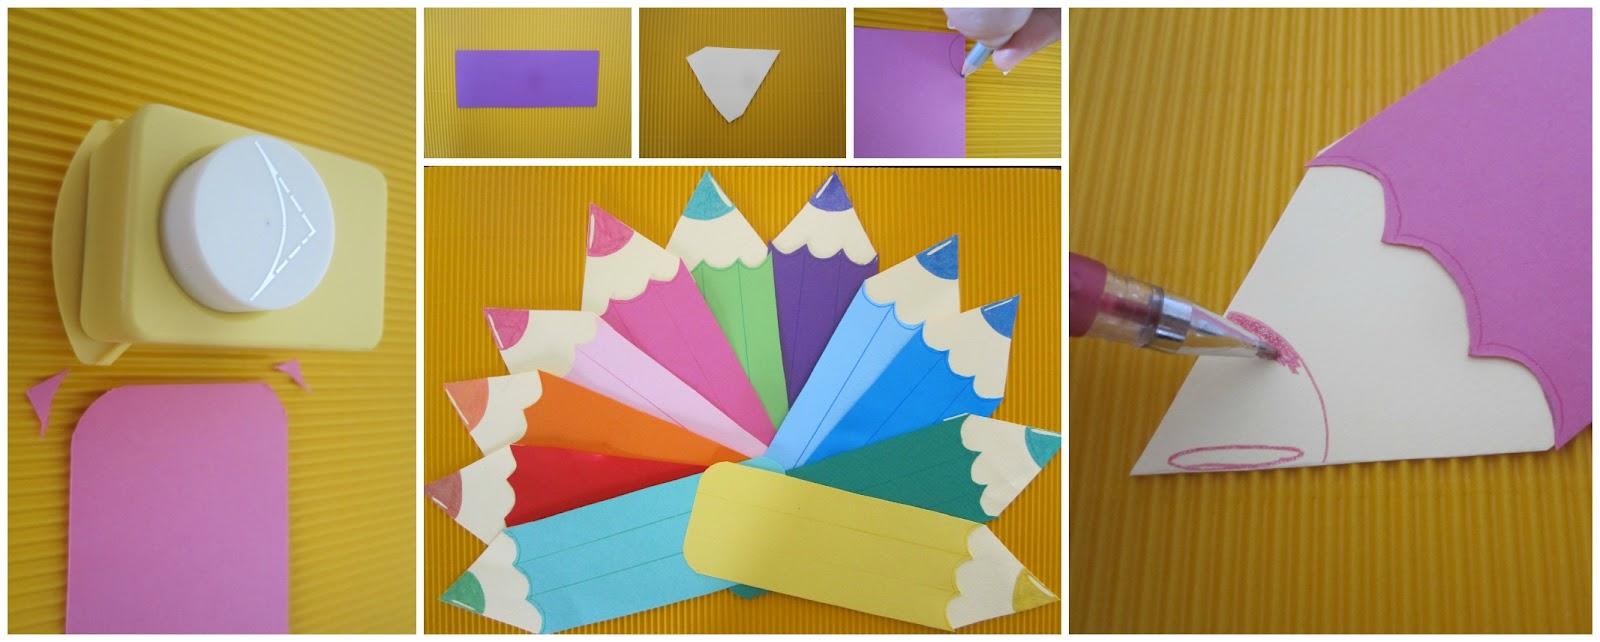 Decorandaeisuoilabirinti decorazioni accoglienza for Idee per cartelloni scuola infanzia